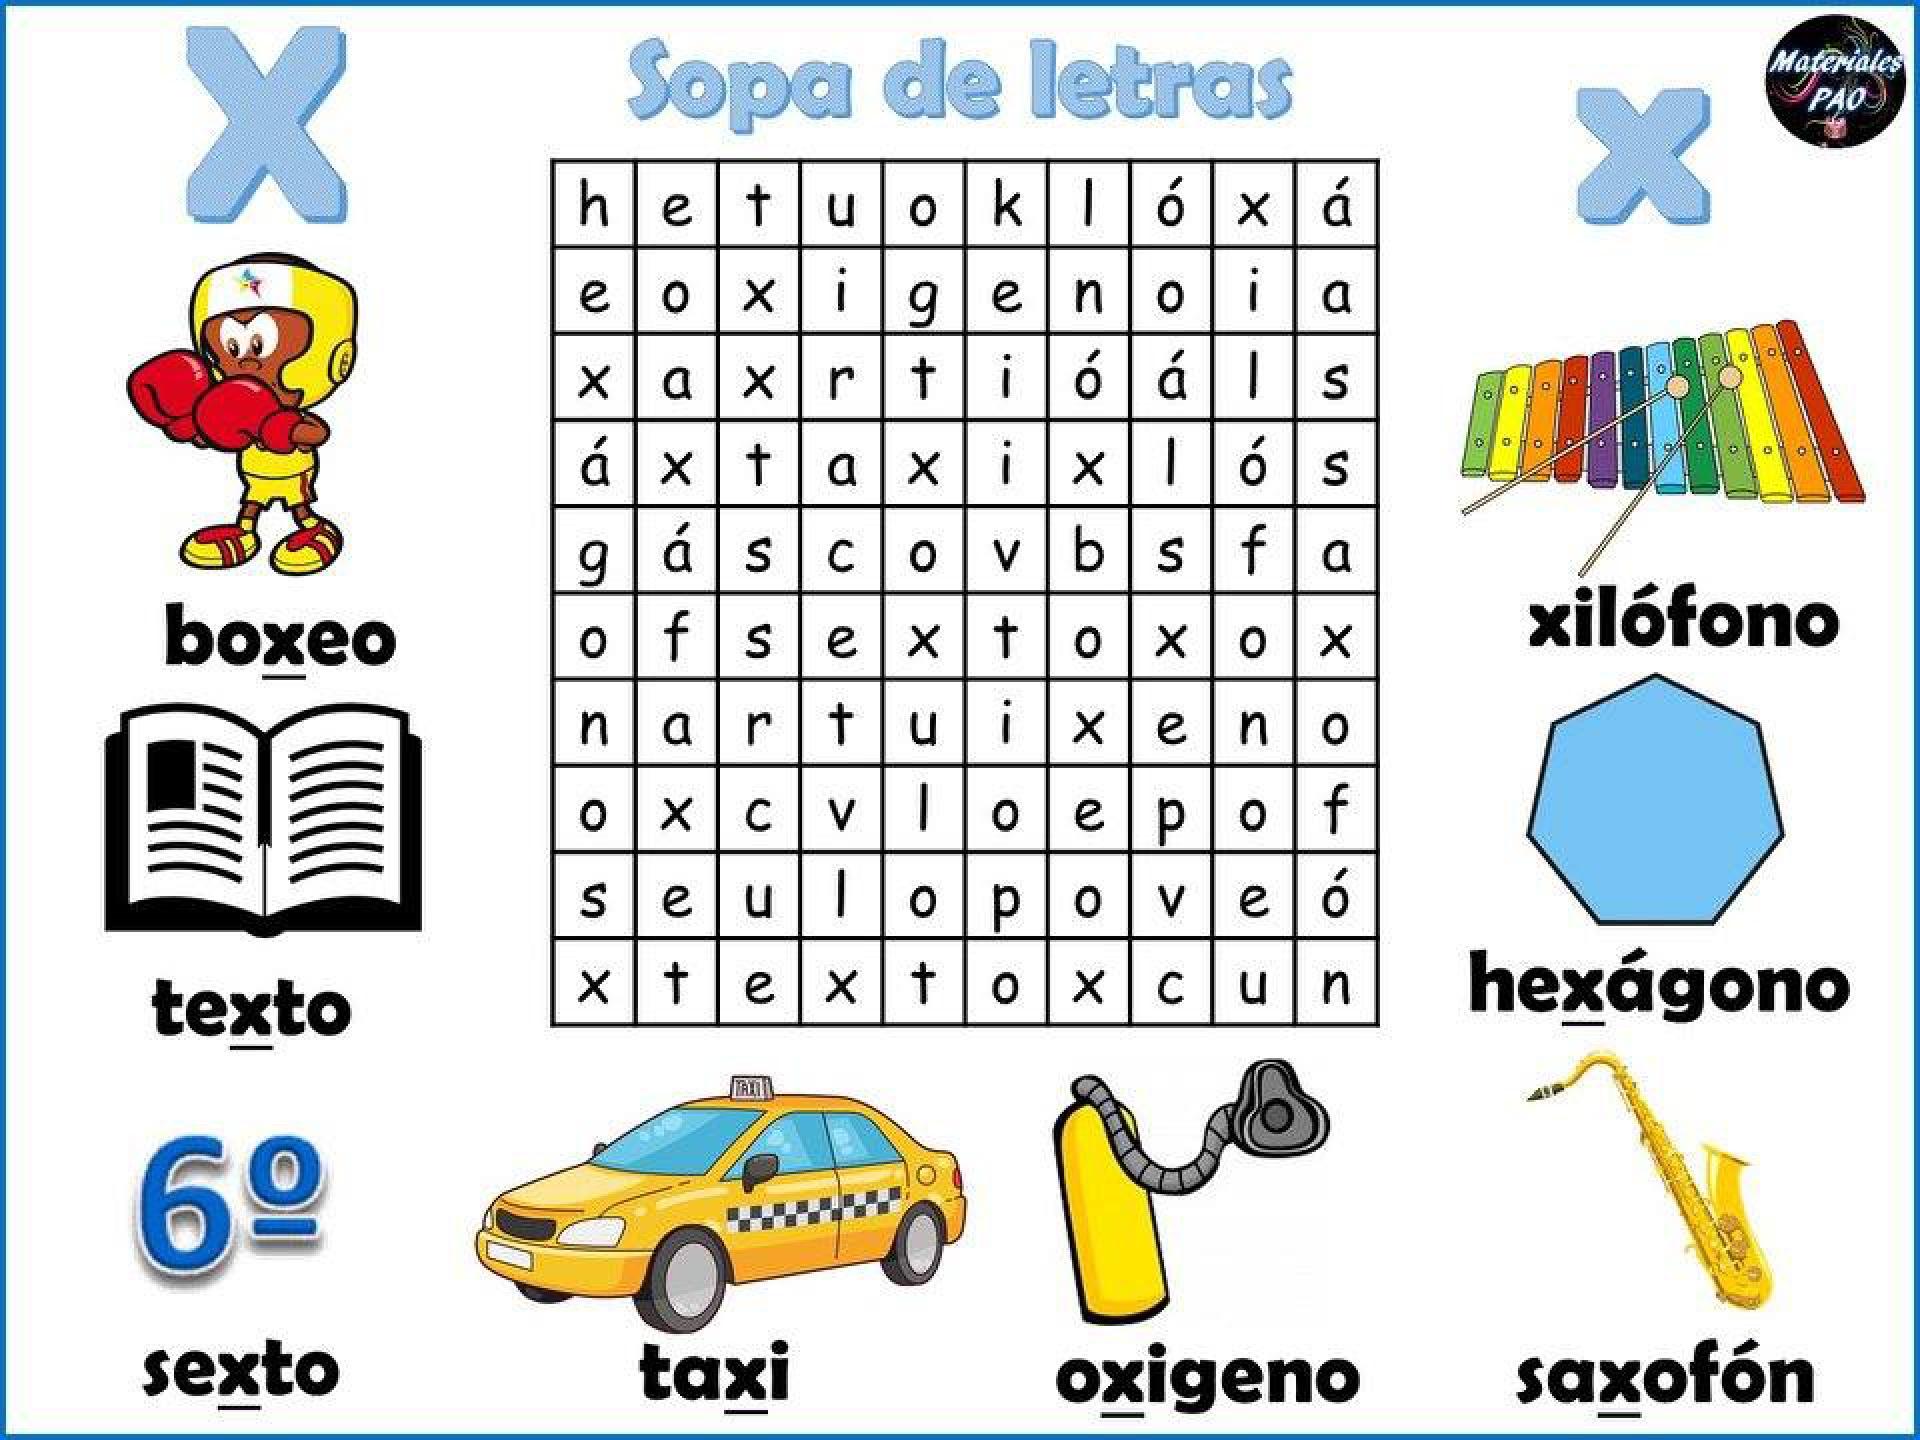 Sopa-de-letras-del-abecedario-025 - Orientación Andújar